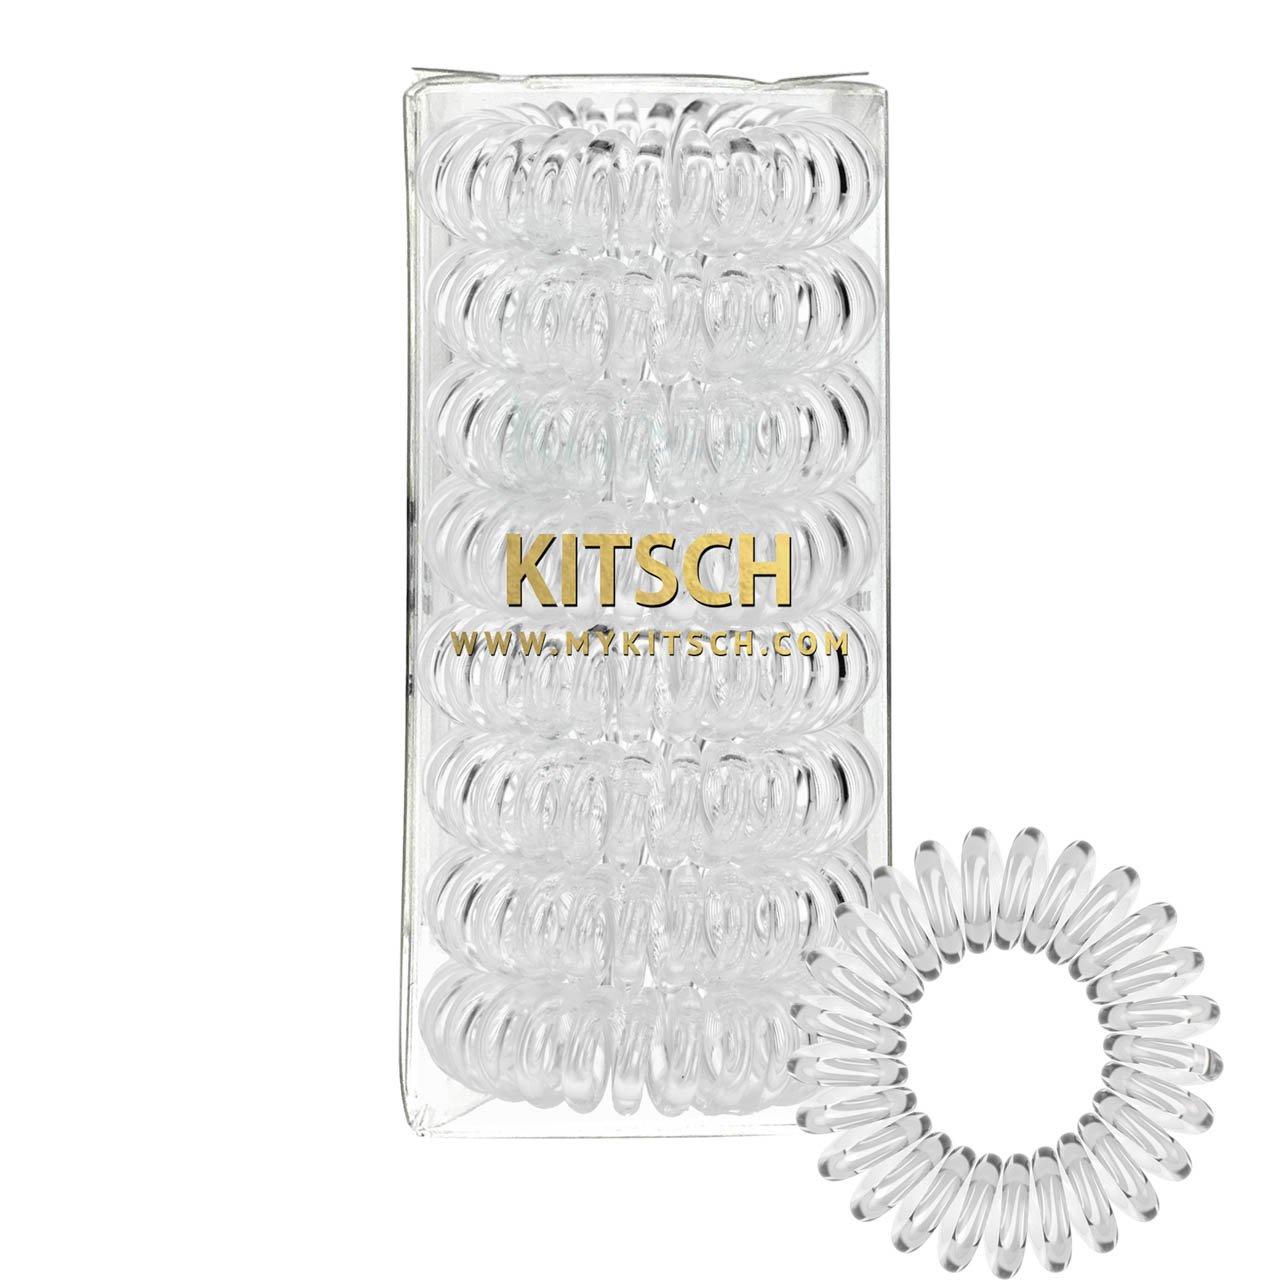 Kitsch 8 Piece Hair Coil Set (Transparent)